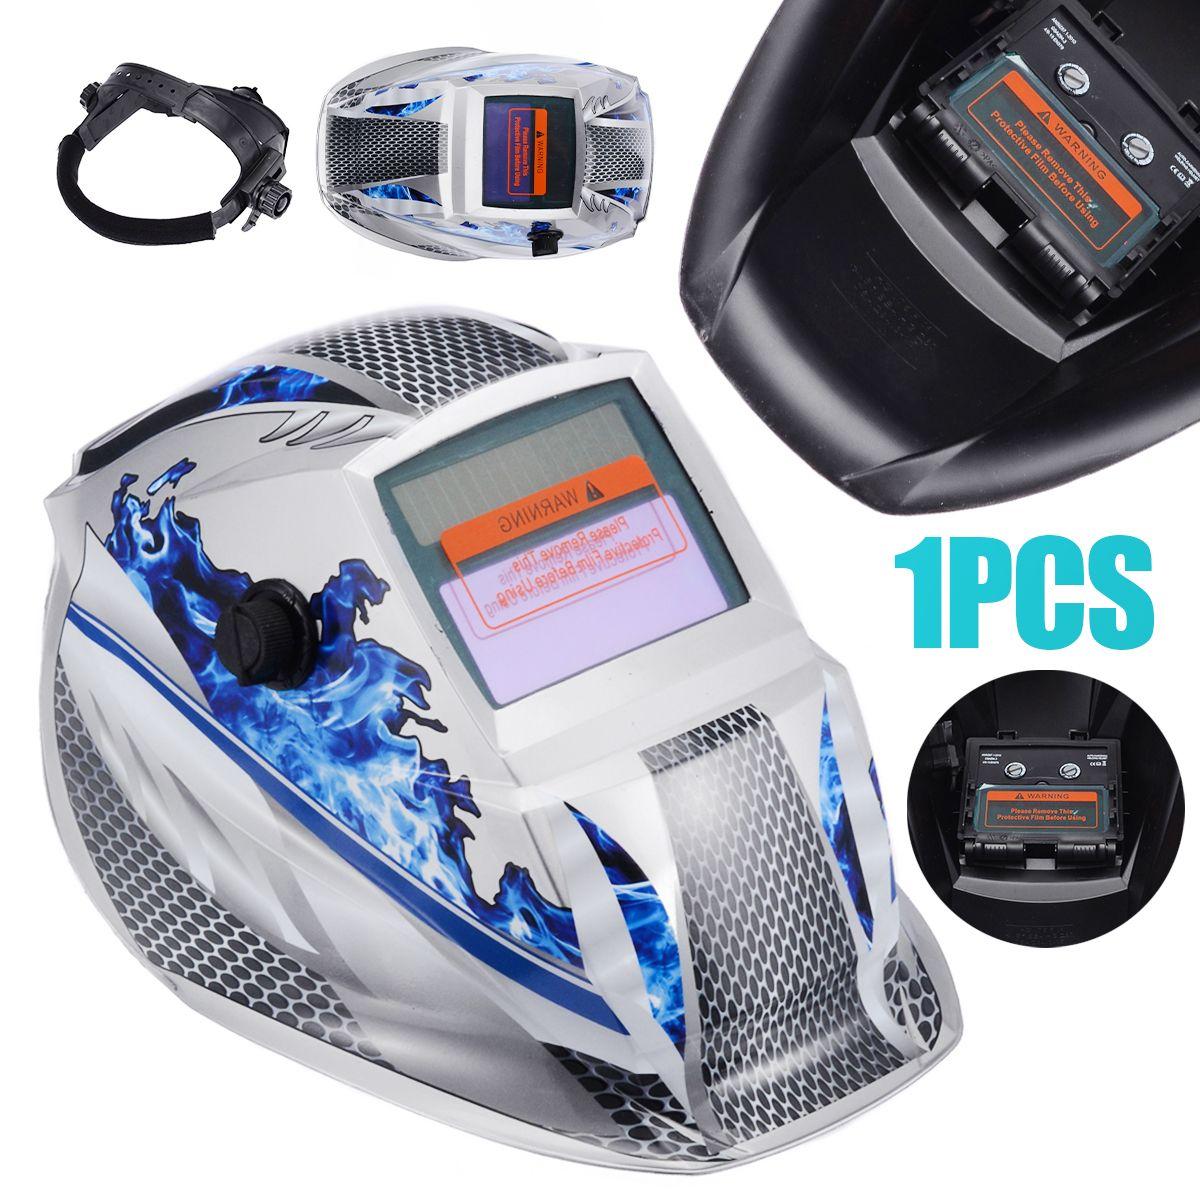 New Welding Helmet Mask Solar Auto Darkening Adjustable Welder Goggles Cap Shade Range DIN 9-13 Protective Equipment